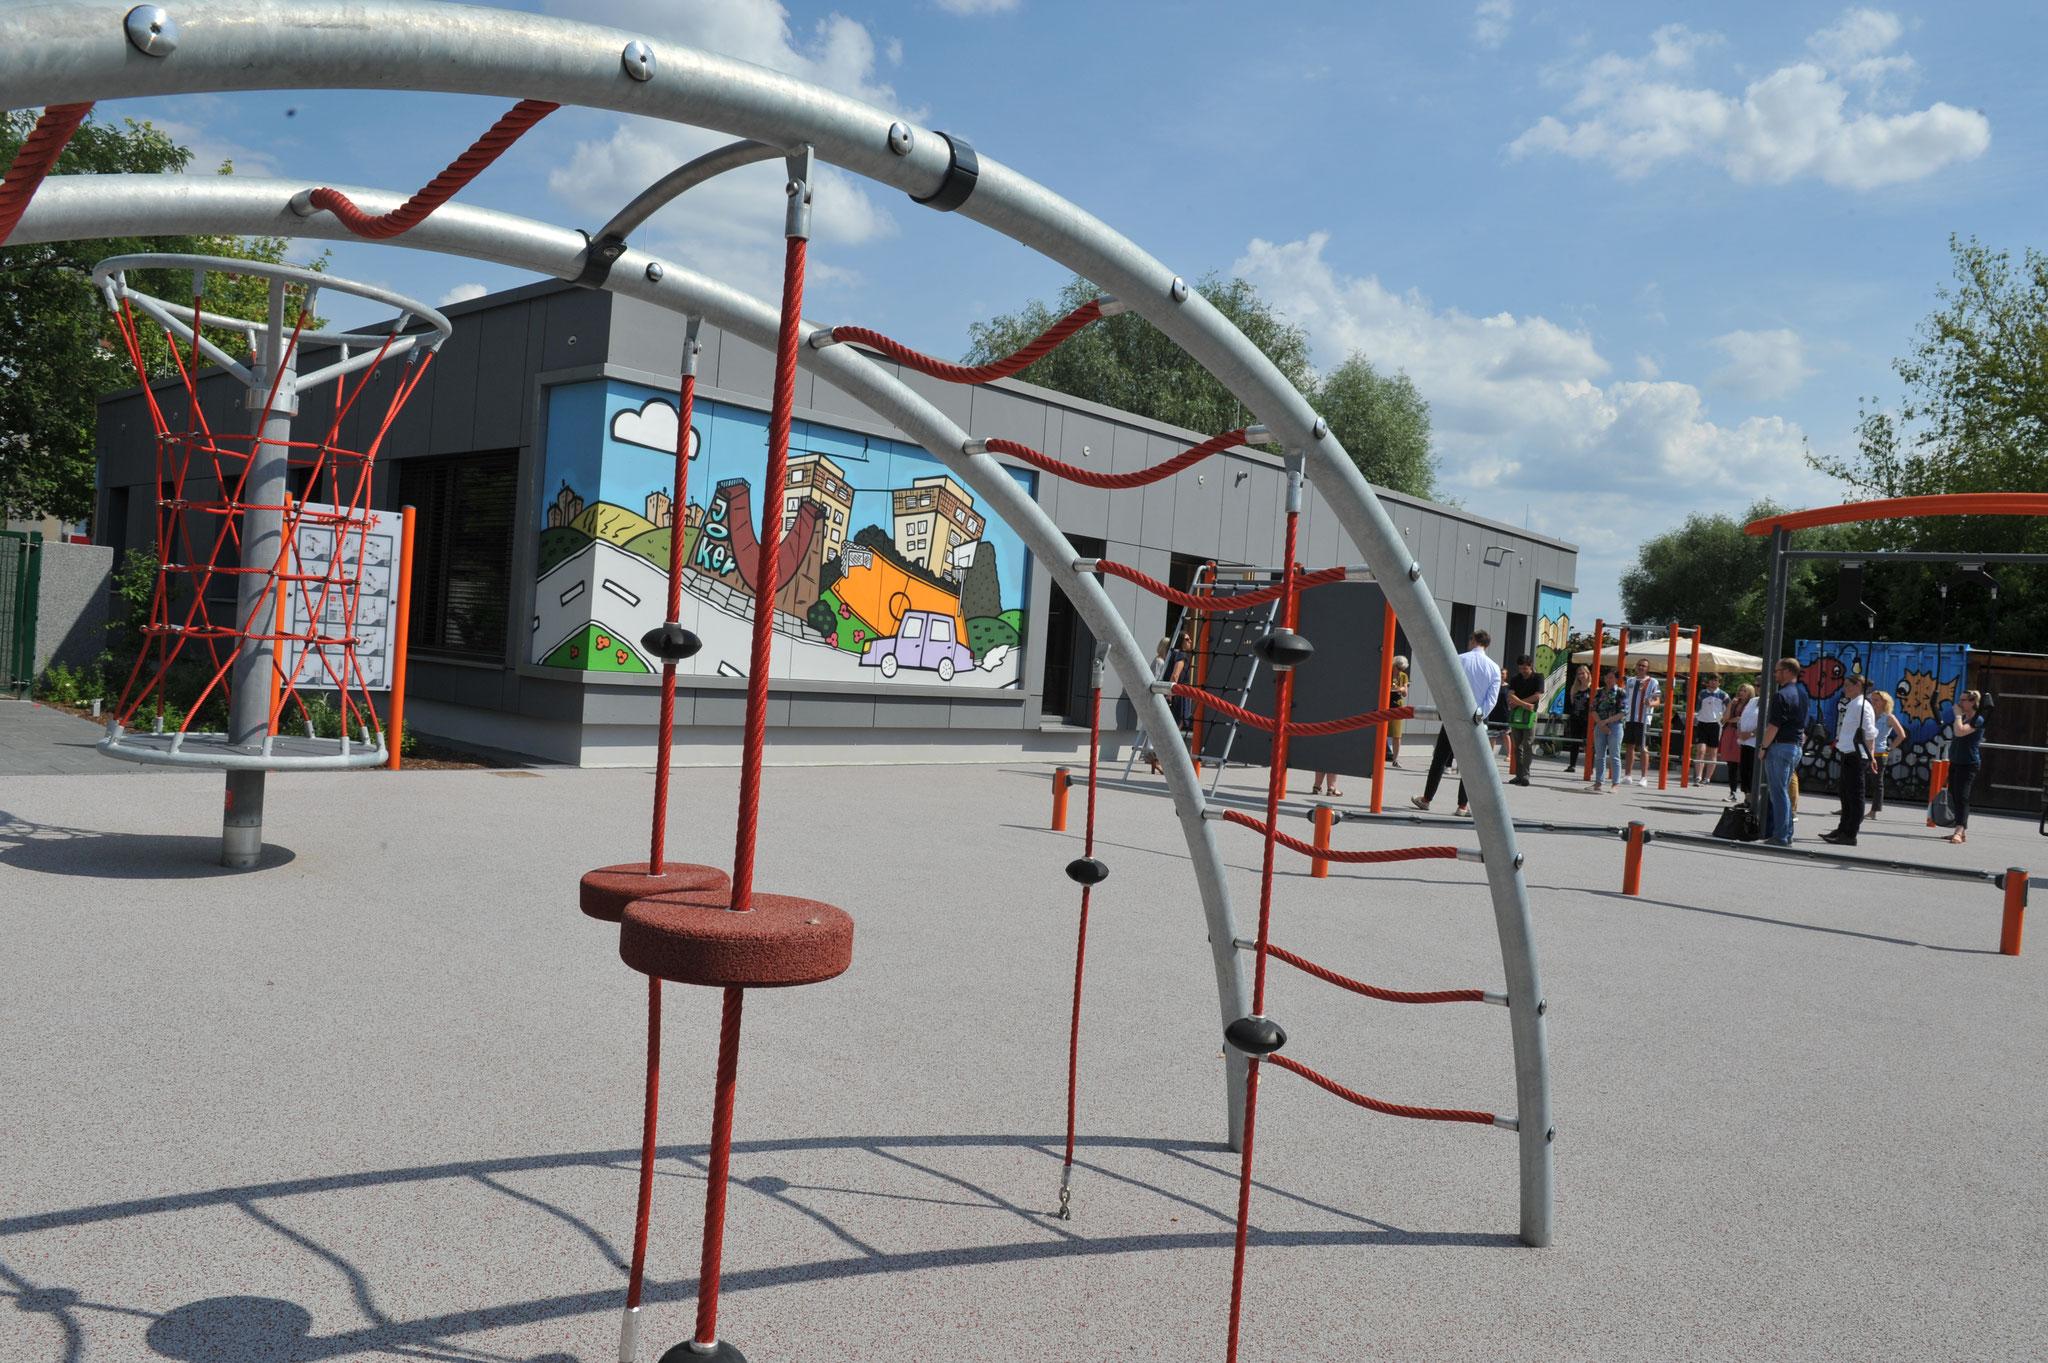 Die neuen Freiflächen wurden nach den Vorstellungen der Kinder und Jugendlichen gestaltet. © pressefoto-uhlemann.de